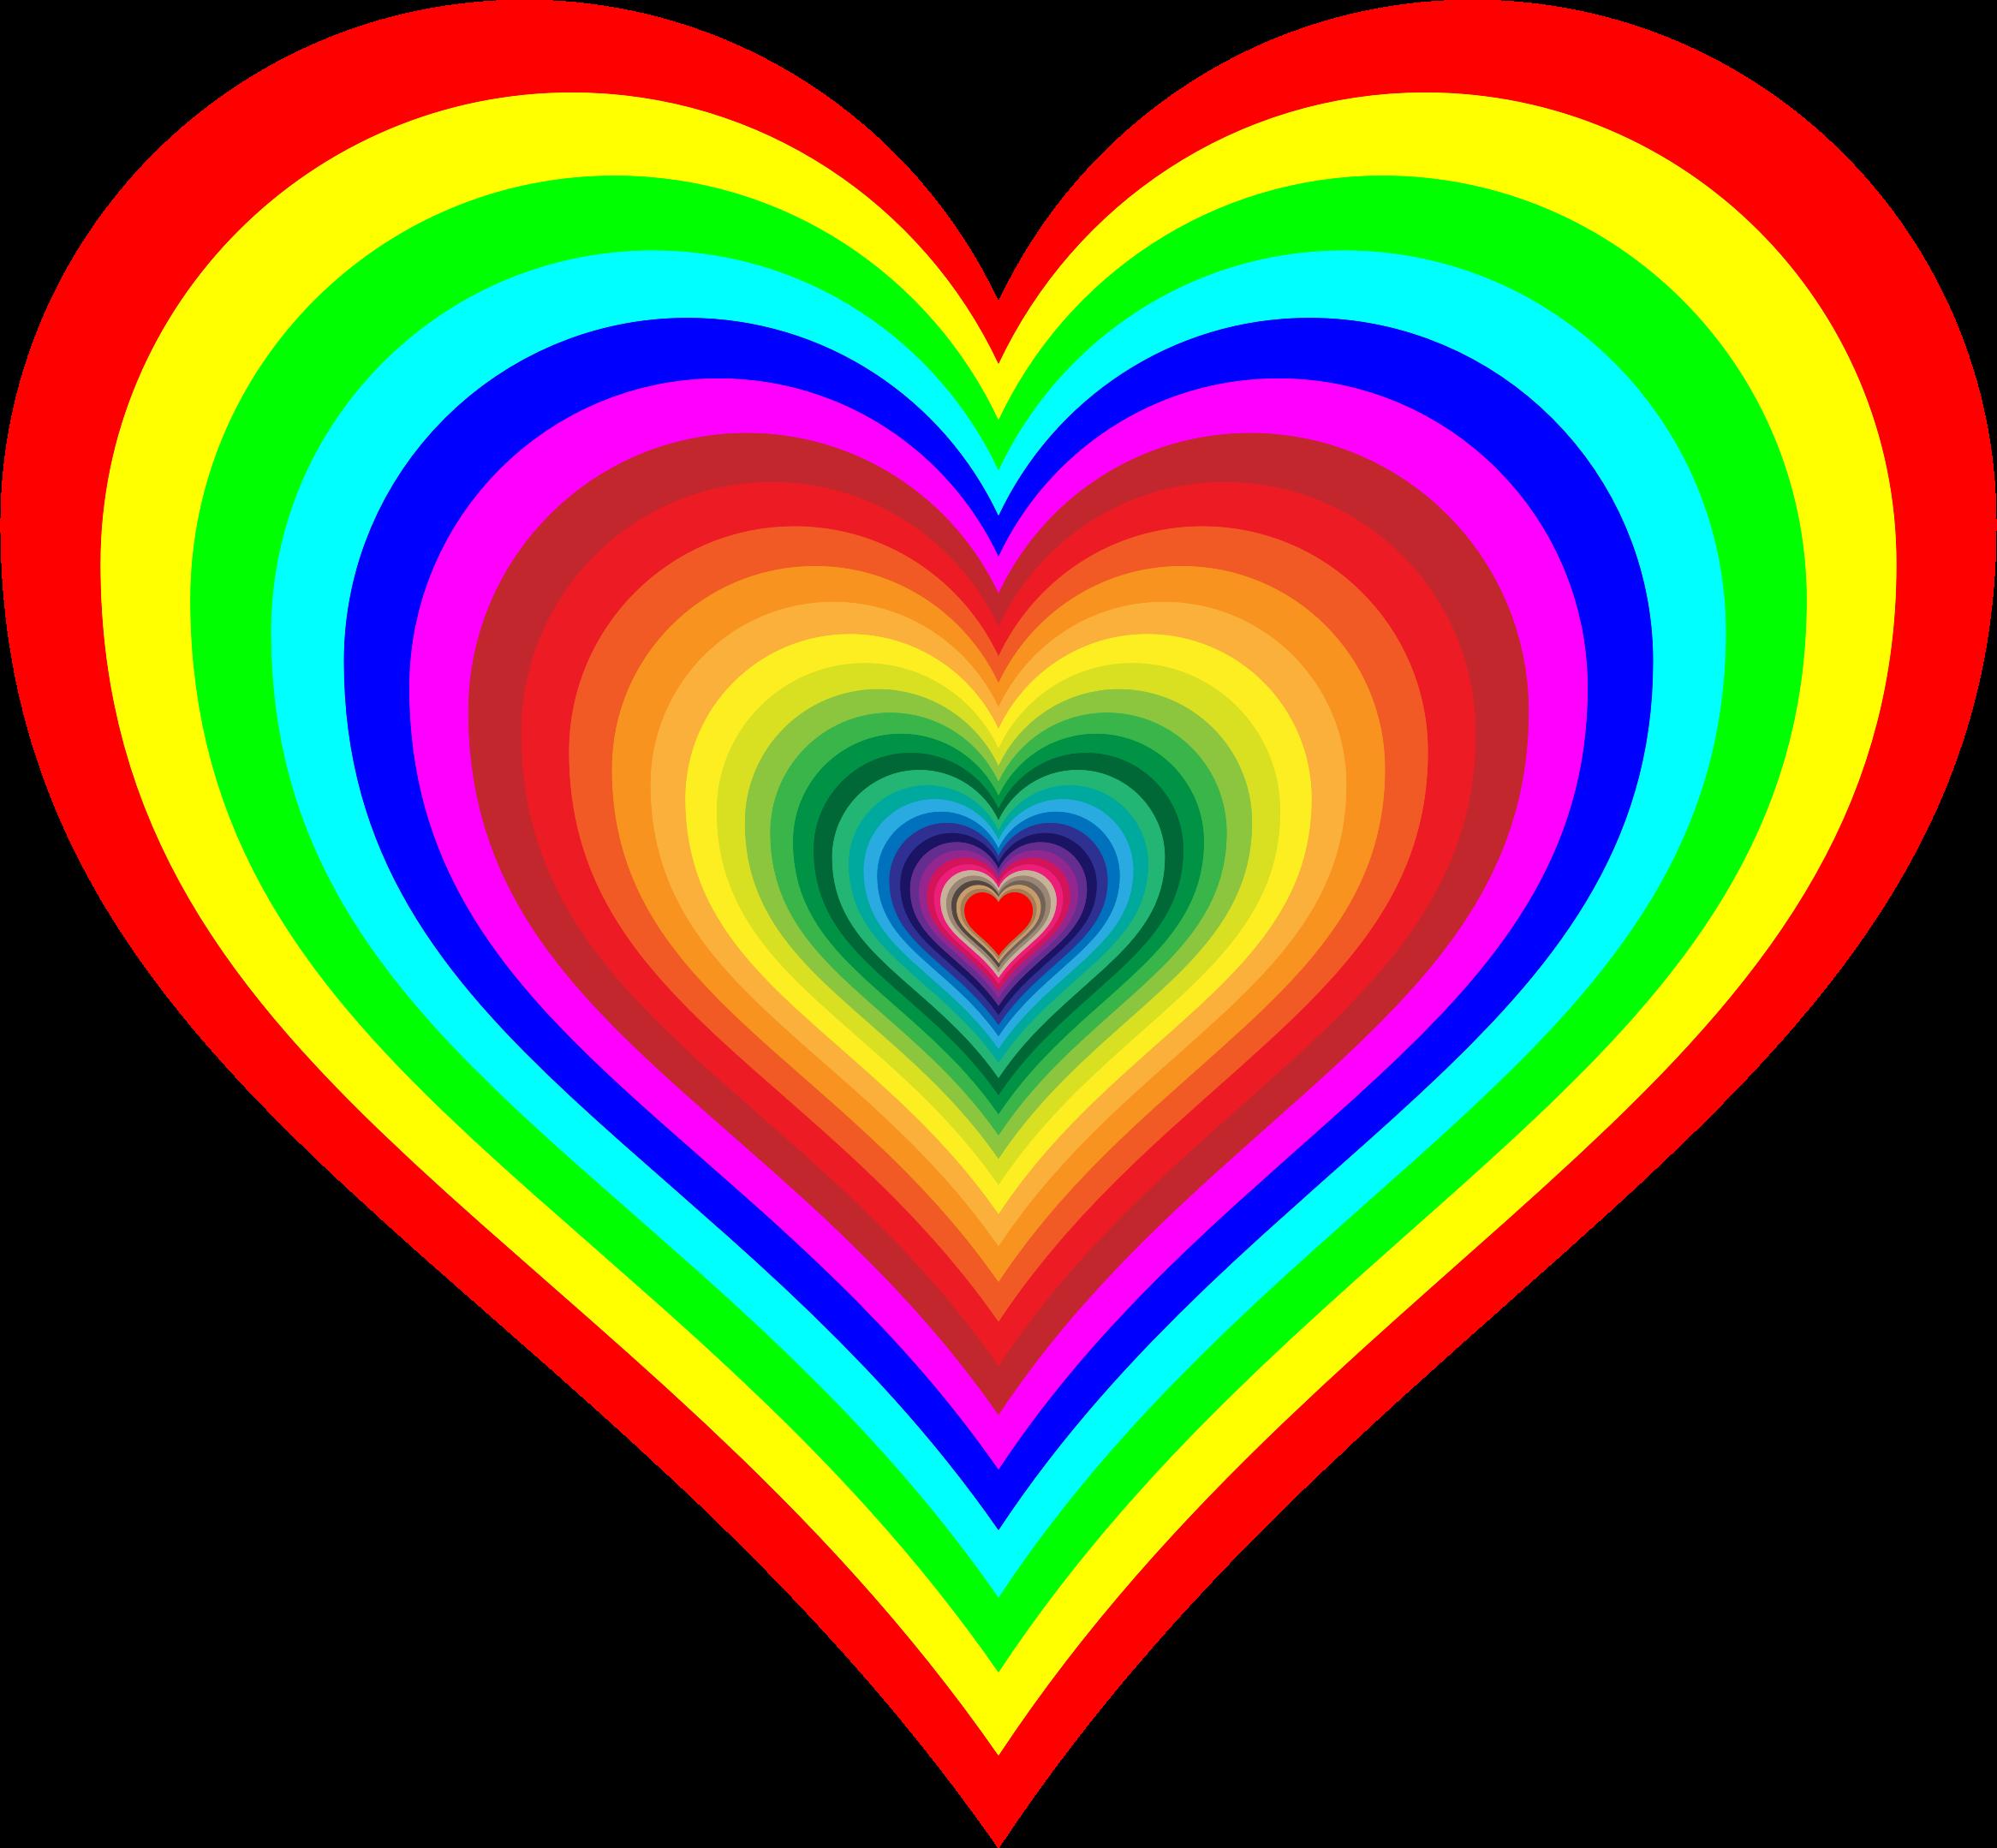 Rainbowrific Heart By Gdj Rainbow Heart Heart Doodle Colorful Heart